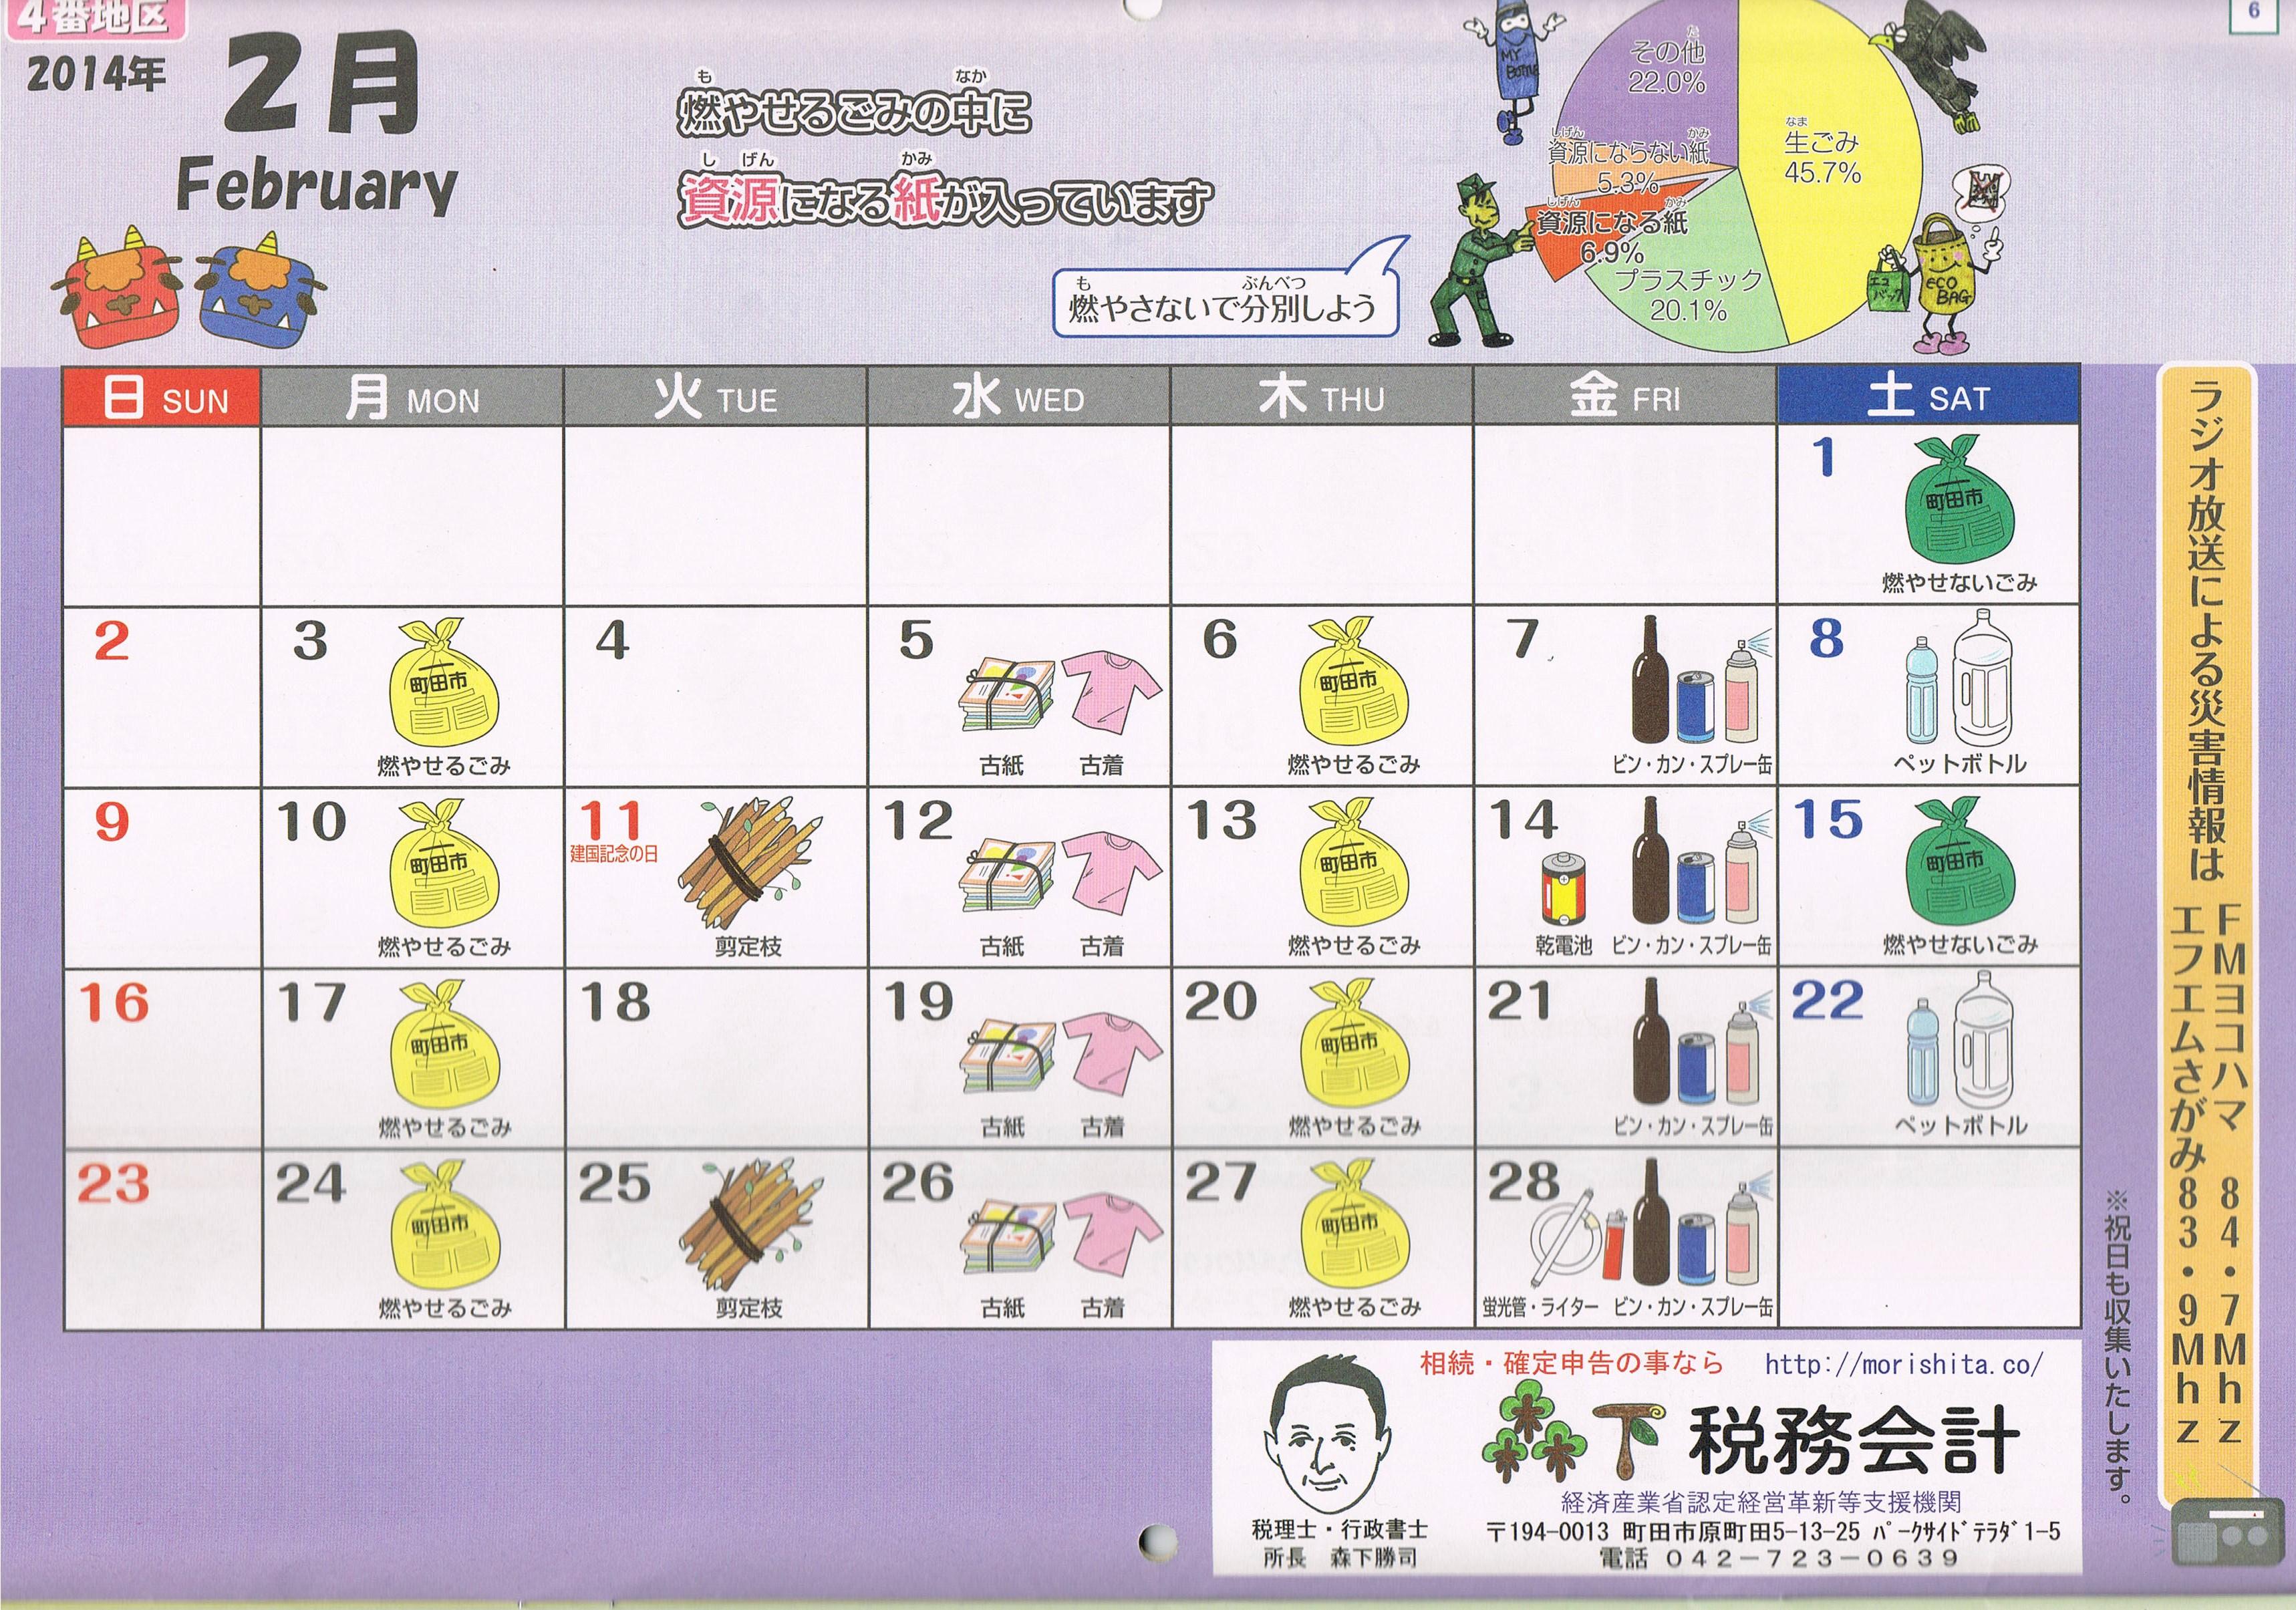 町田市資源とごみの収集カレンダー